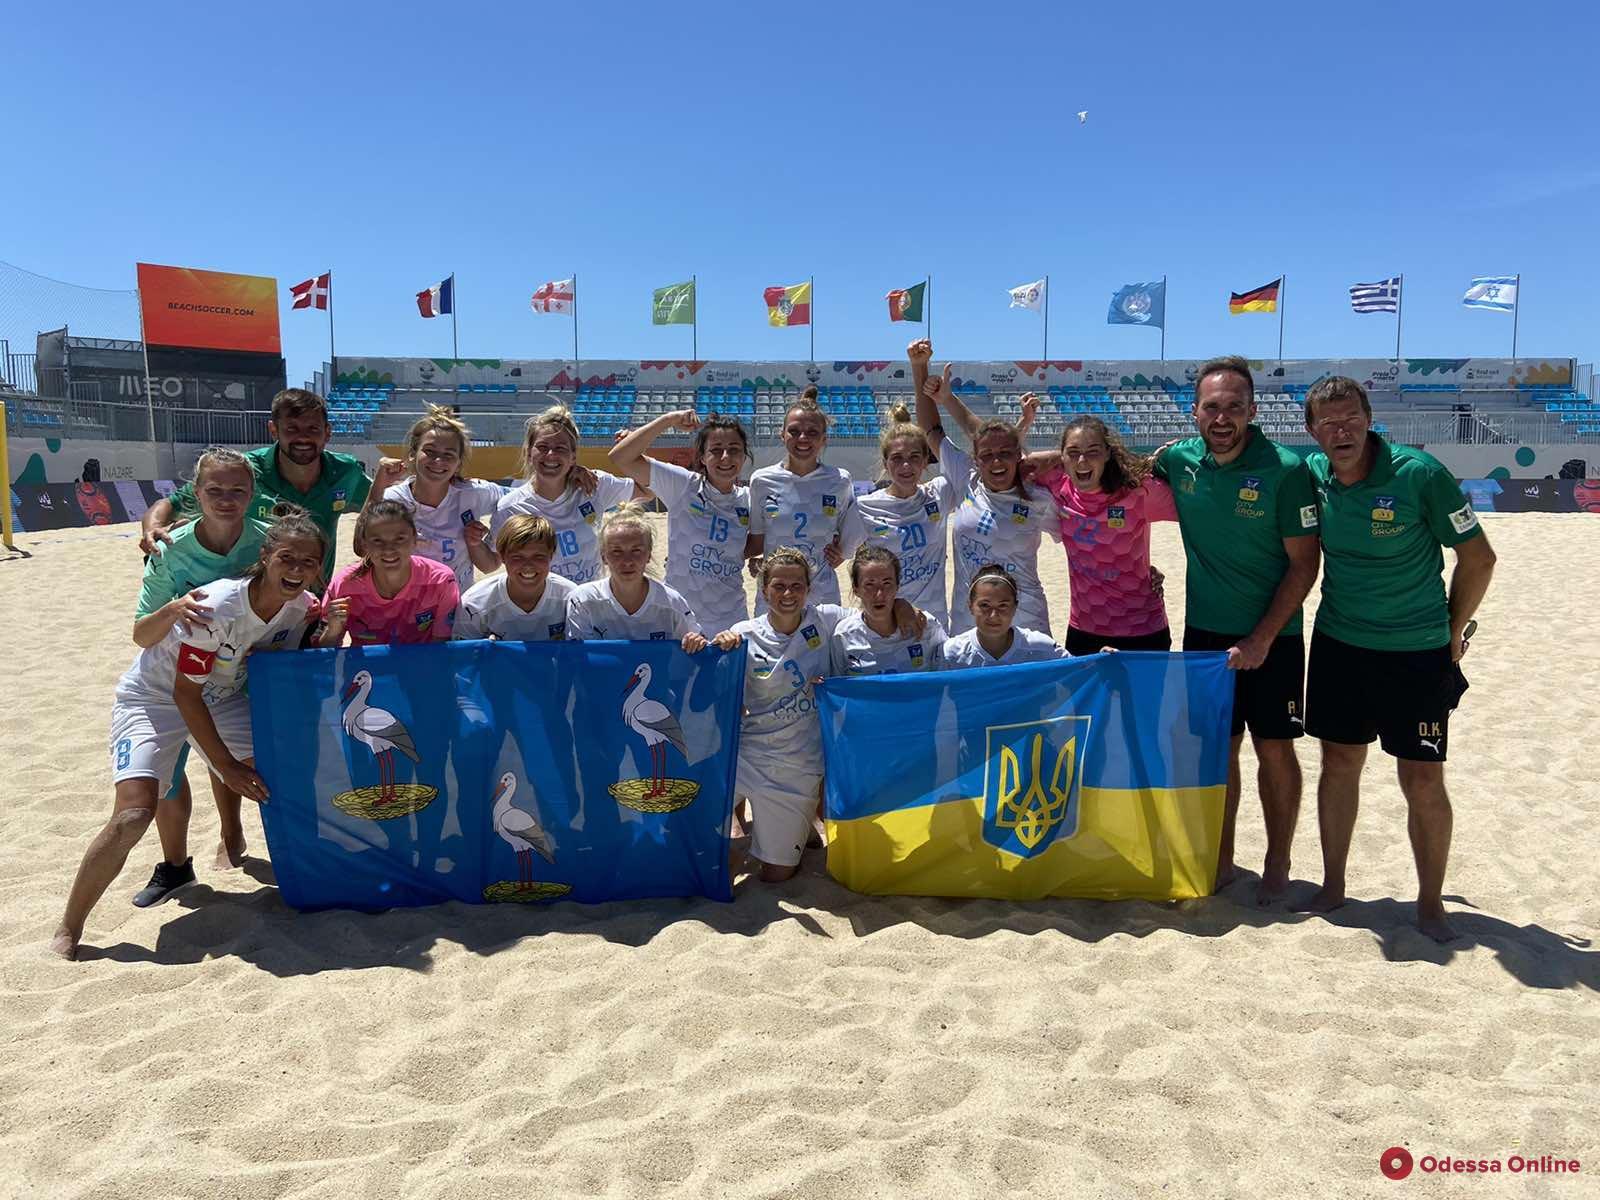 Пляжный футбол: ананьевская «Мрія-2006» одержала первую победу в Кубке Европейских чемпионов